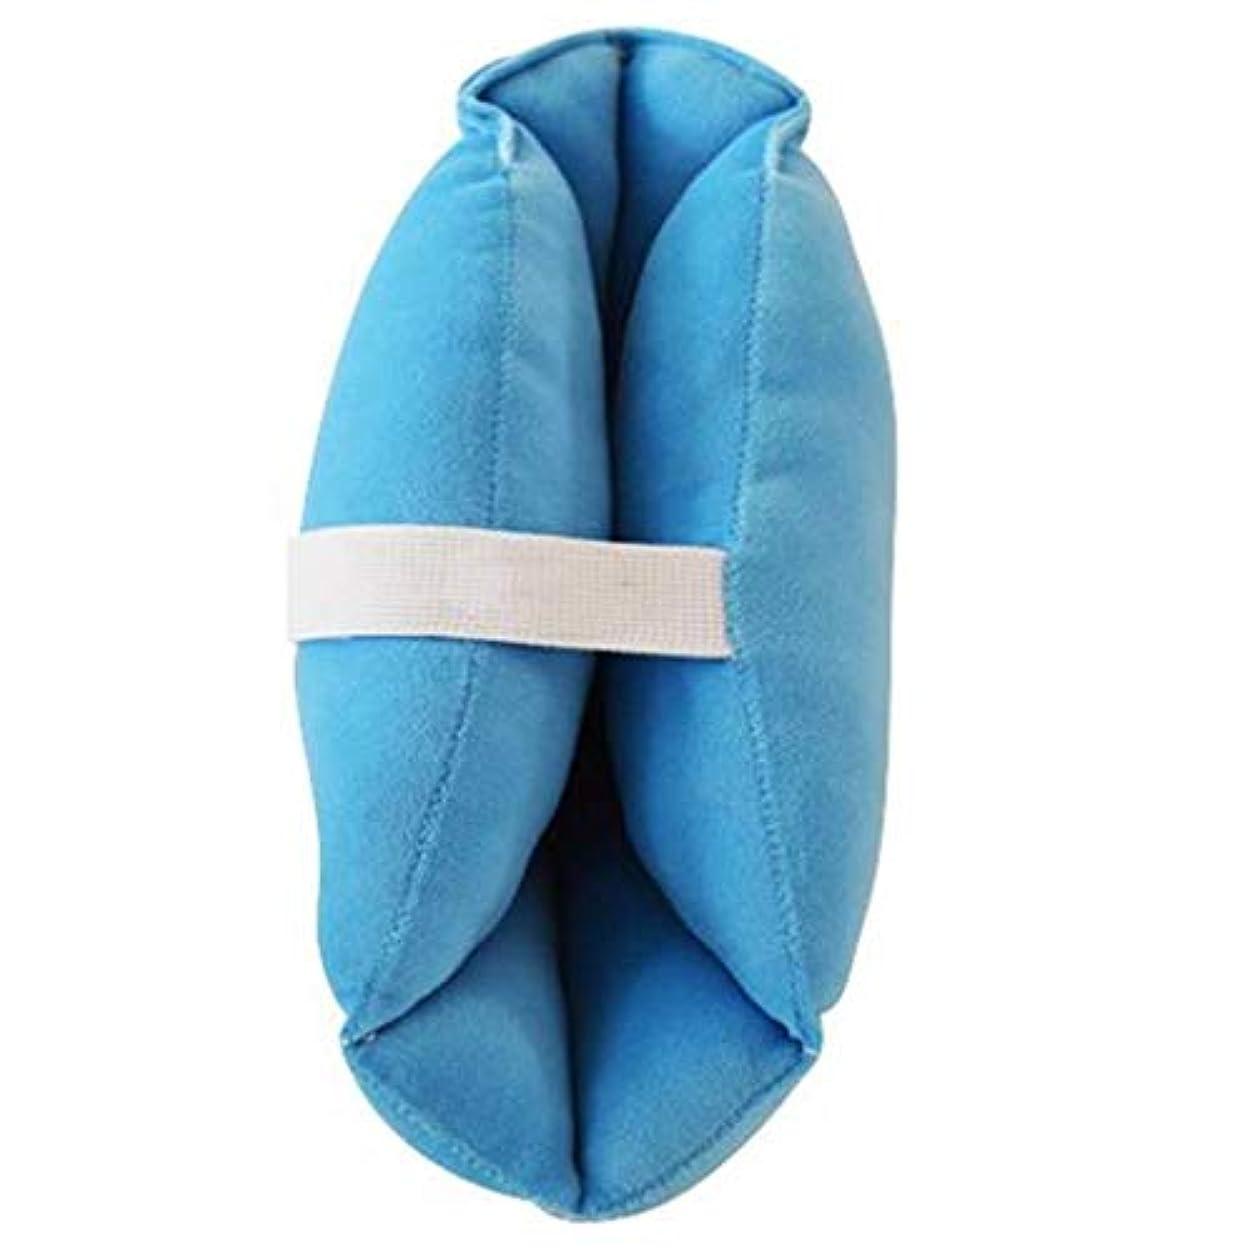 ミネラルアパル利得ソフトで快適なヒールプロテクター枕、ヒールフローティングヒールプロテクター、,瘡のためのアキレス腱プロテクター、高齢者の足矯正カバー (Color : 1pair)